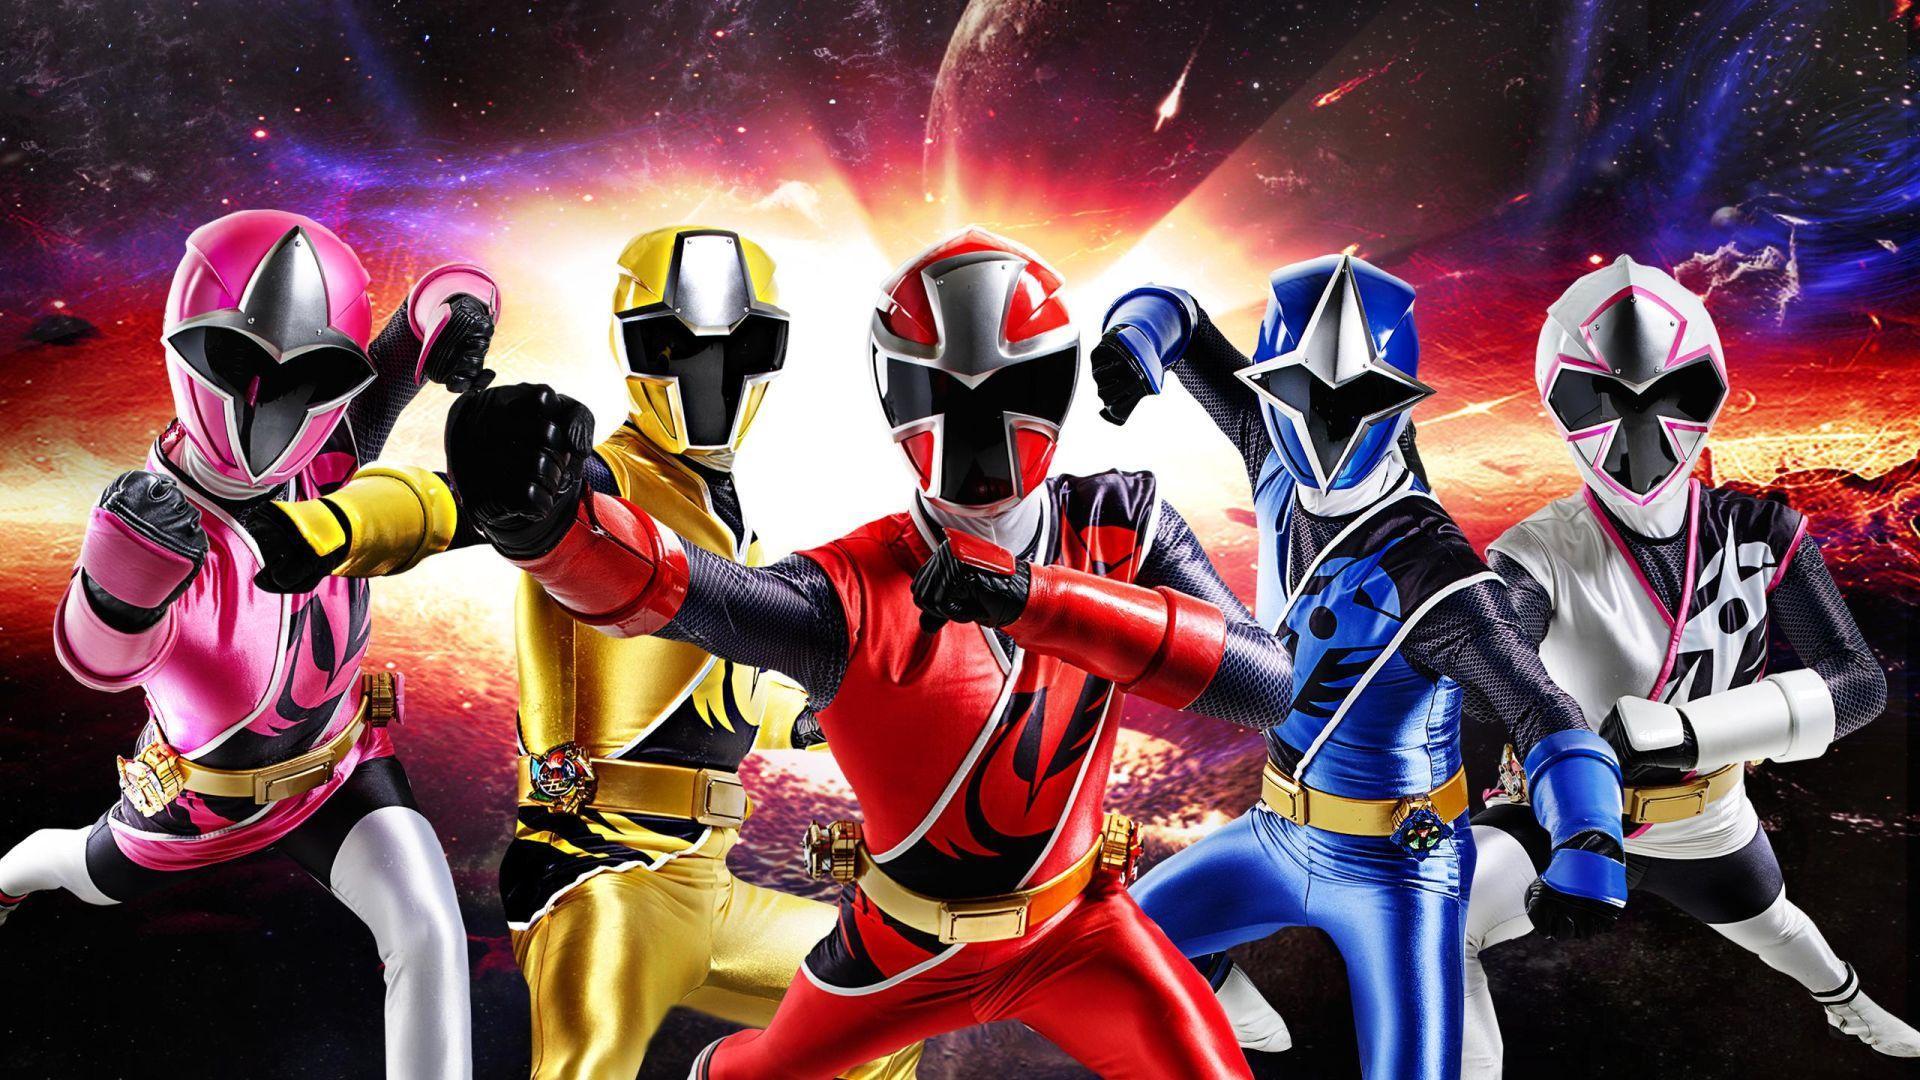 Power Rangers Desktop Wallpapers Top Free Power Rangers Desktop